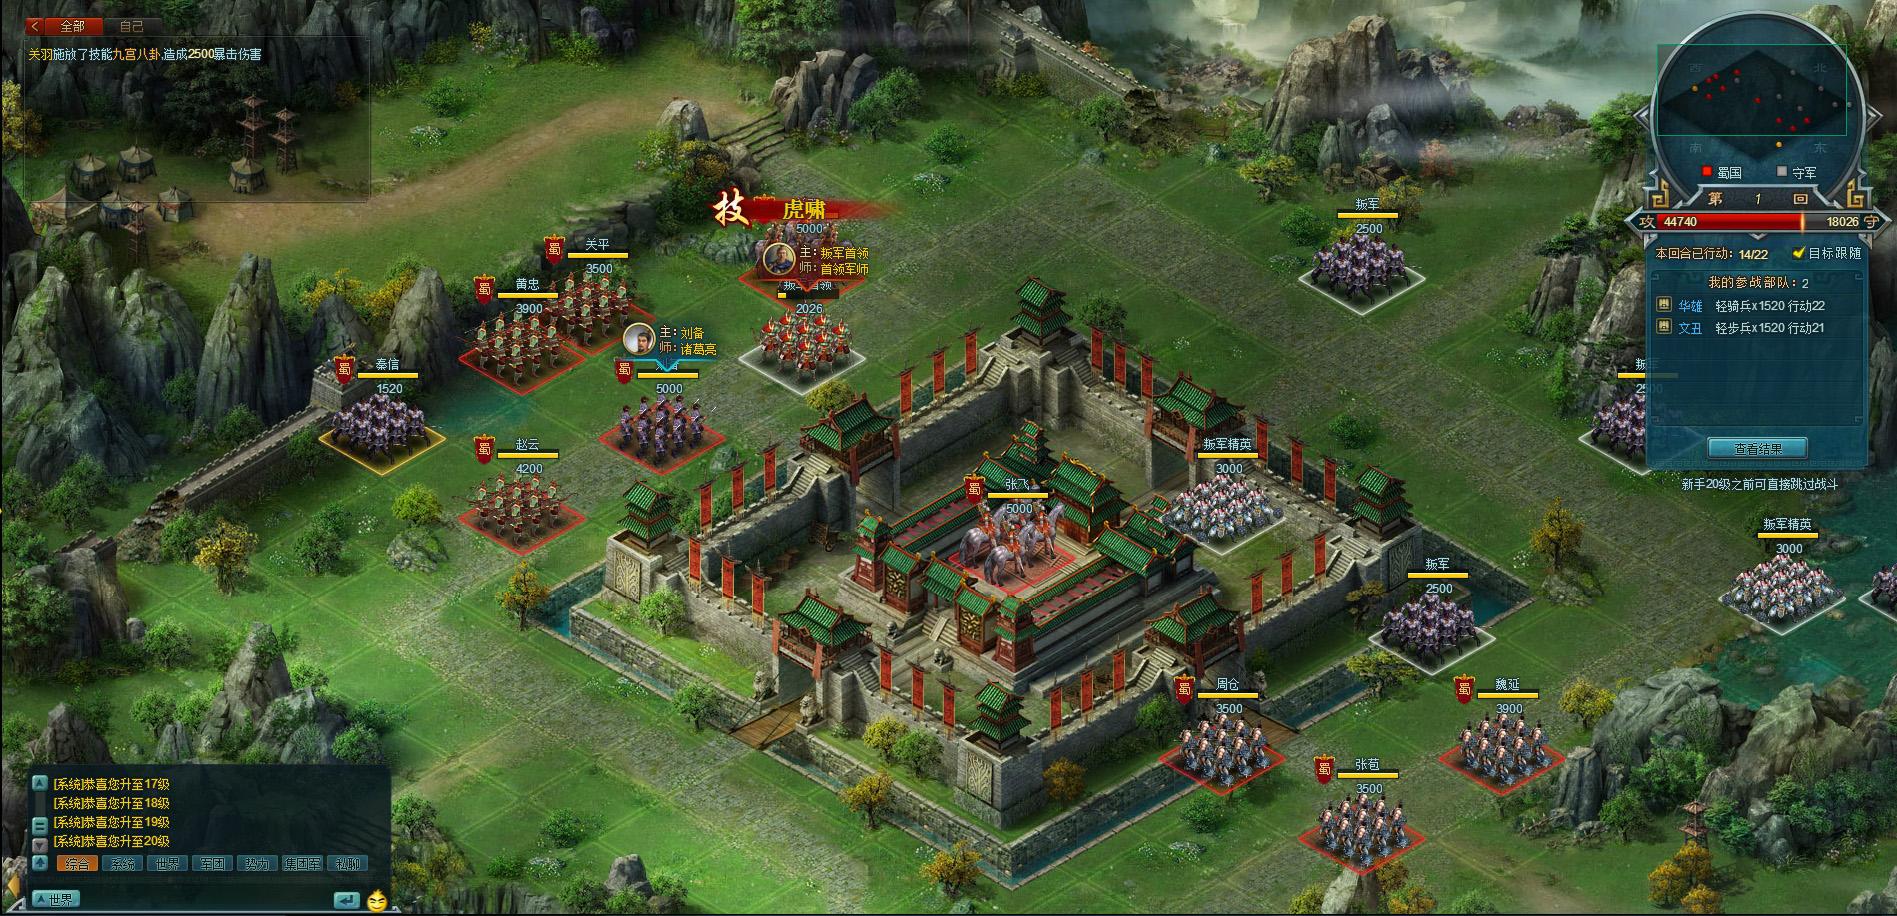 傲世三国游戏截图2